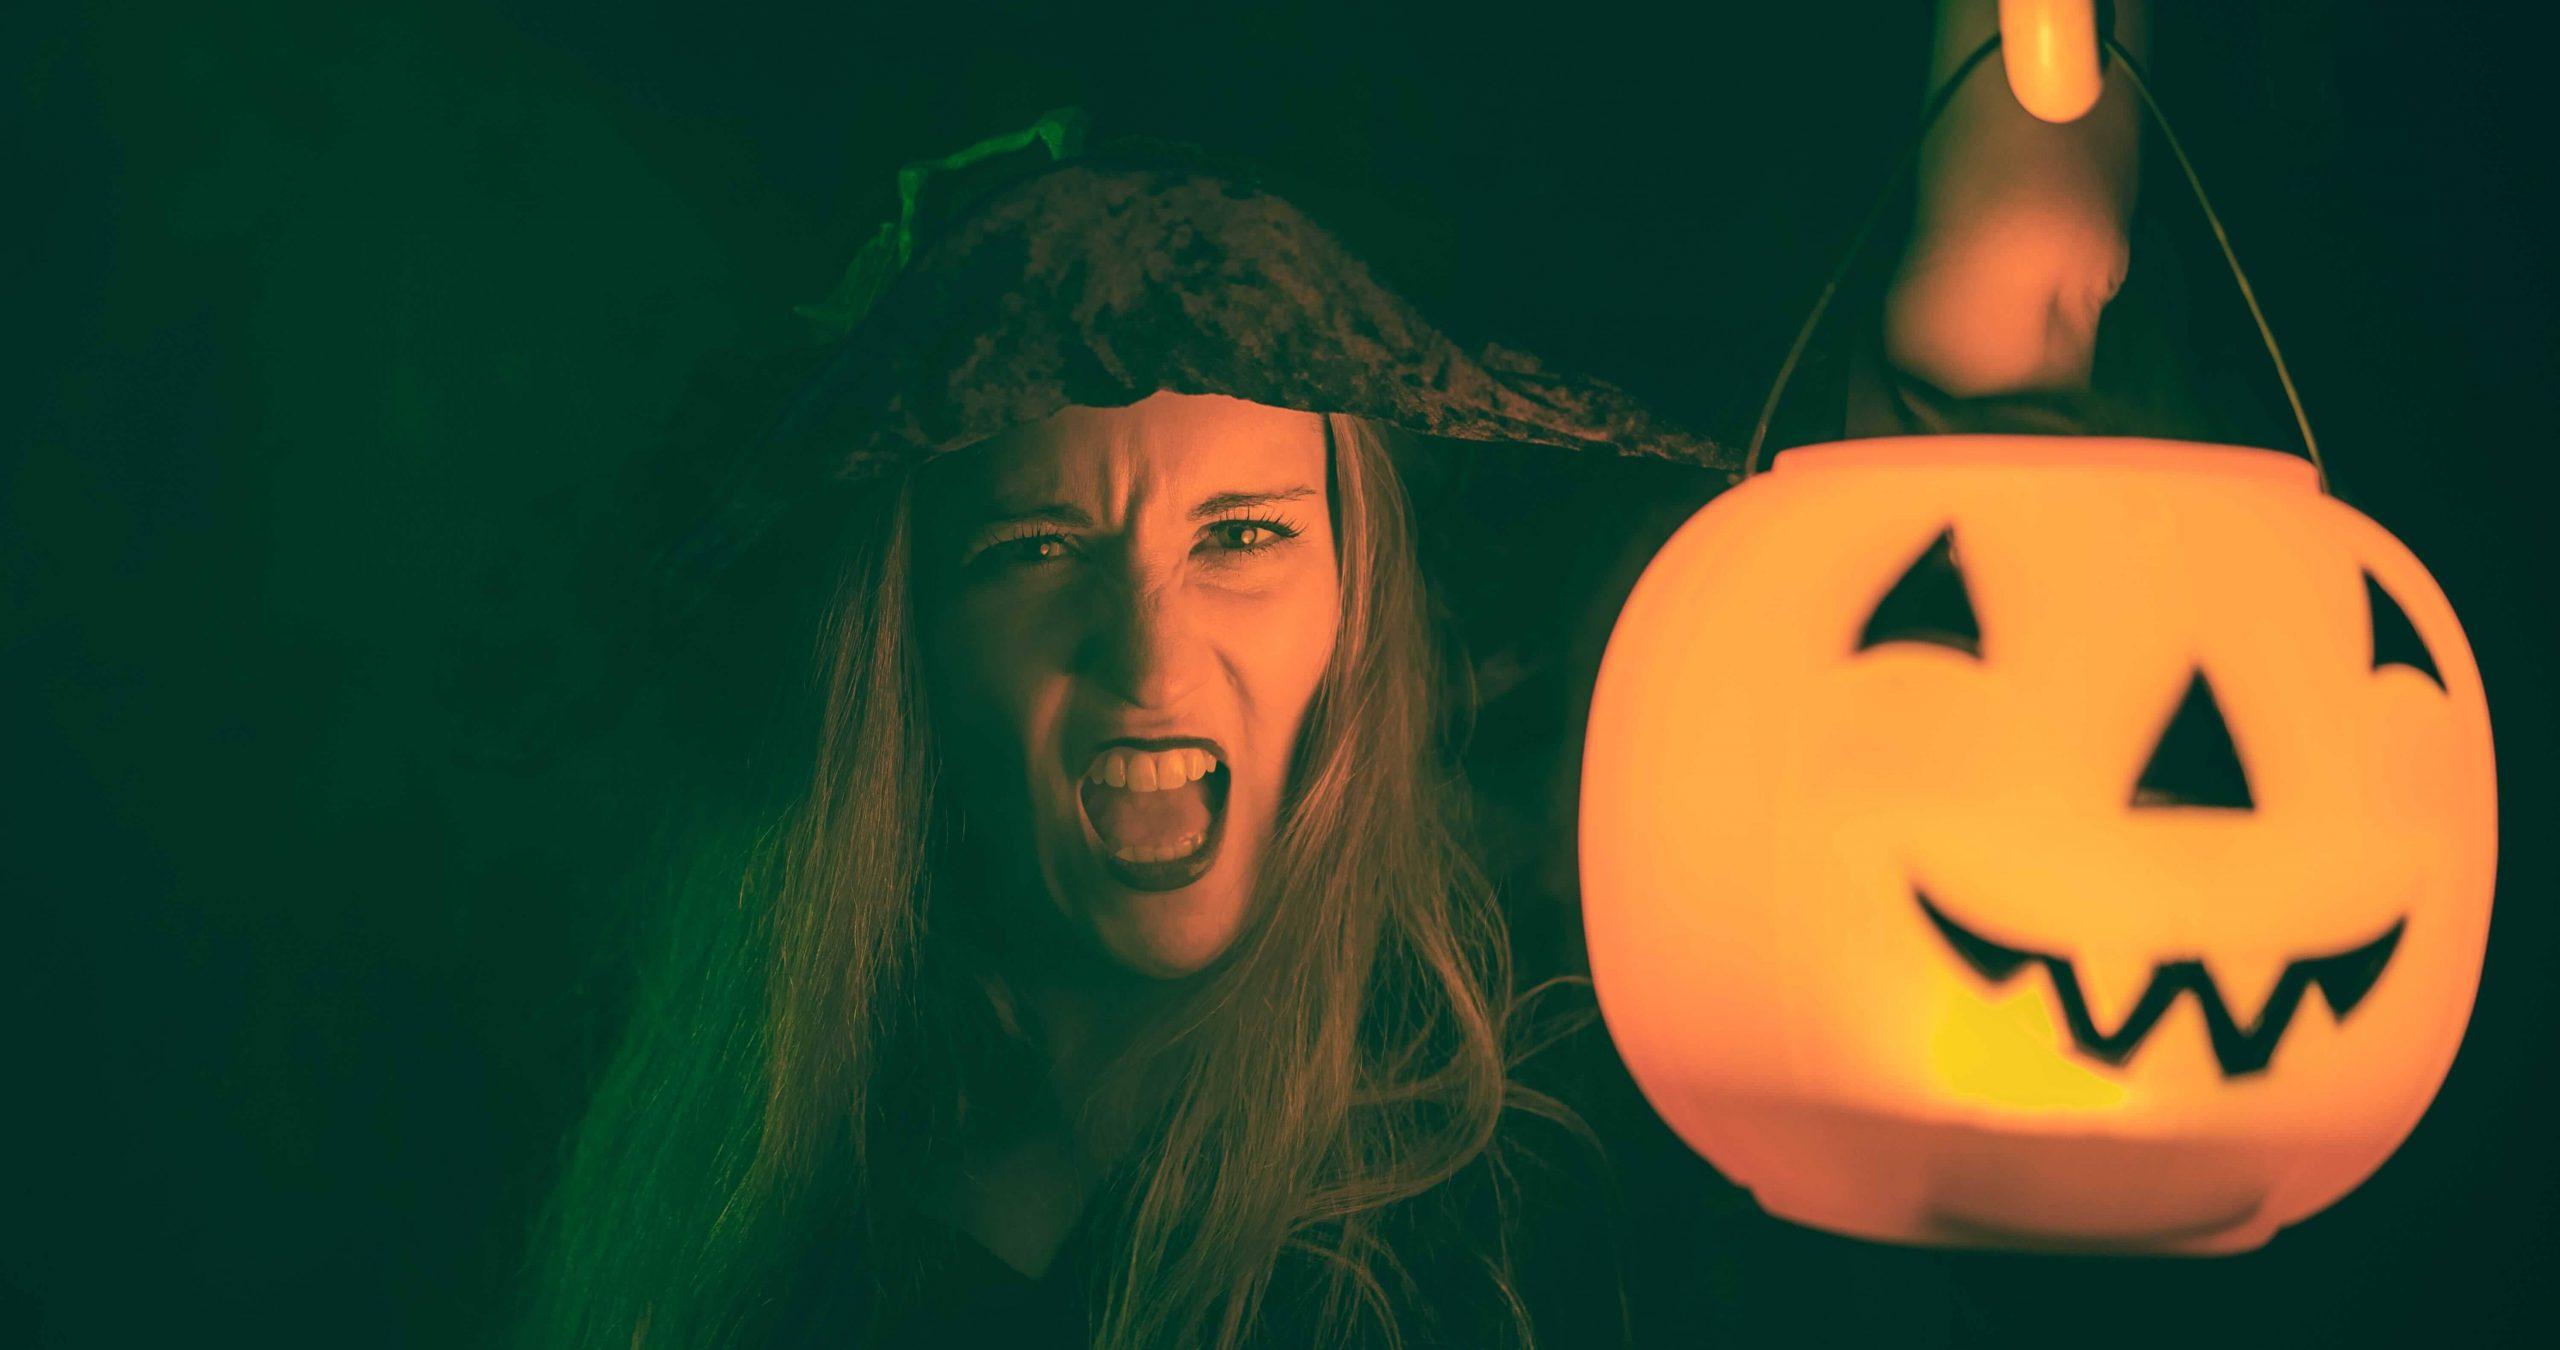 Halloween vieren in de lockdown? Zo organiseer je een coronaproof horrorfeestje bij jou thuis